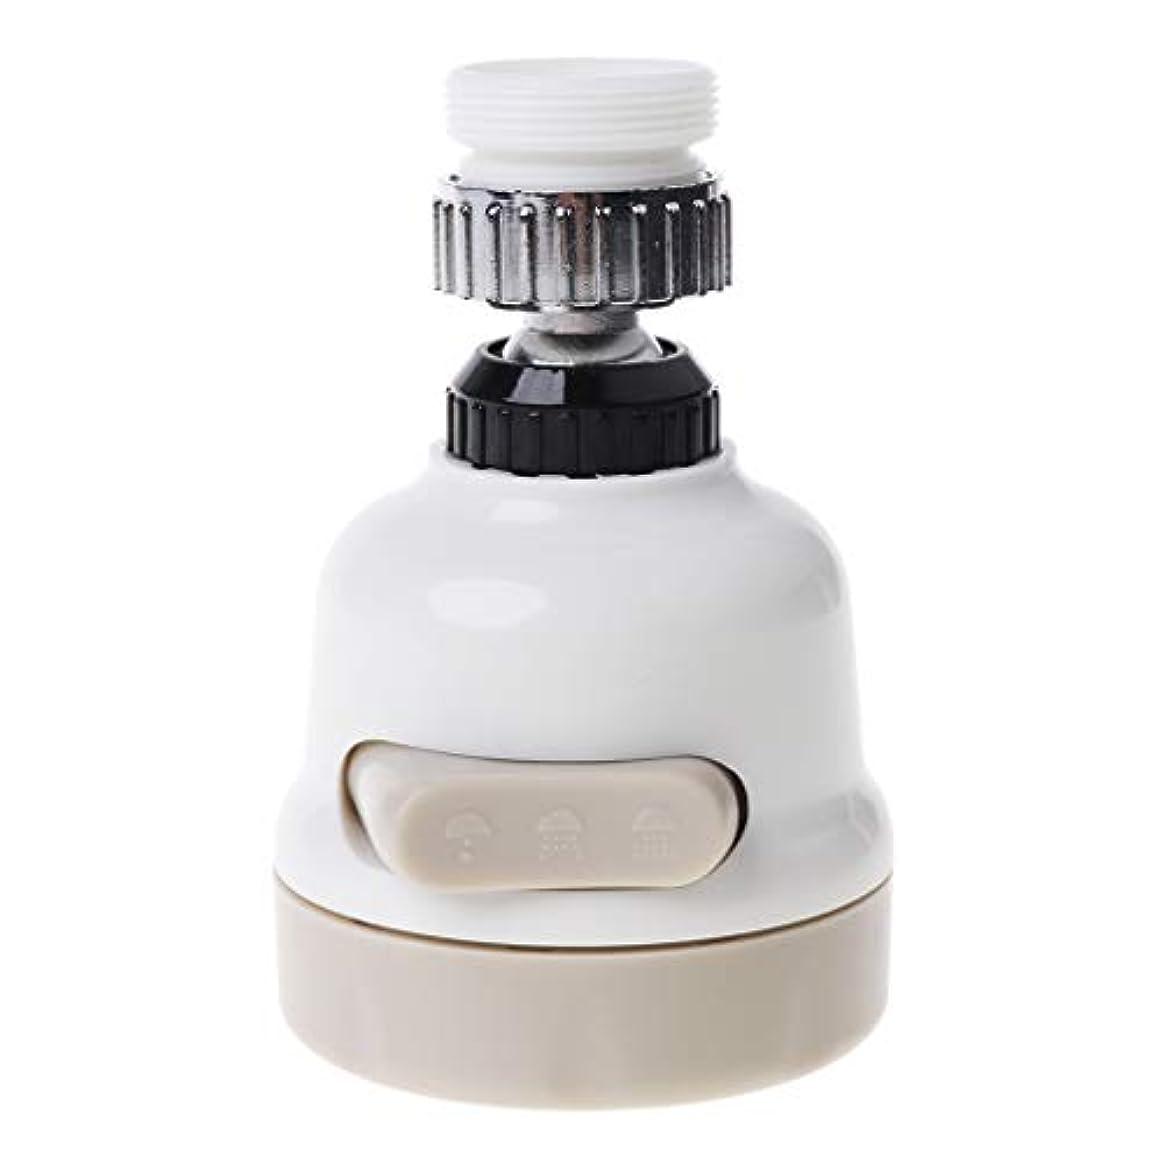 いつか極めて重要な届けるLamdoo360?回転蛇口フィルターアダプター節水タップディフューザーバスルームキッチン